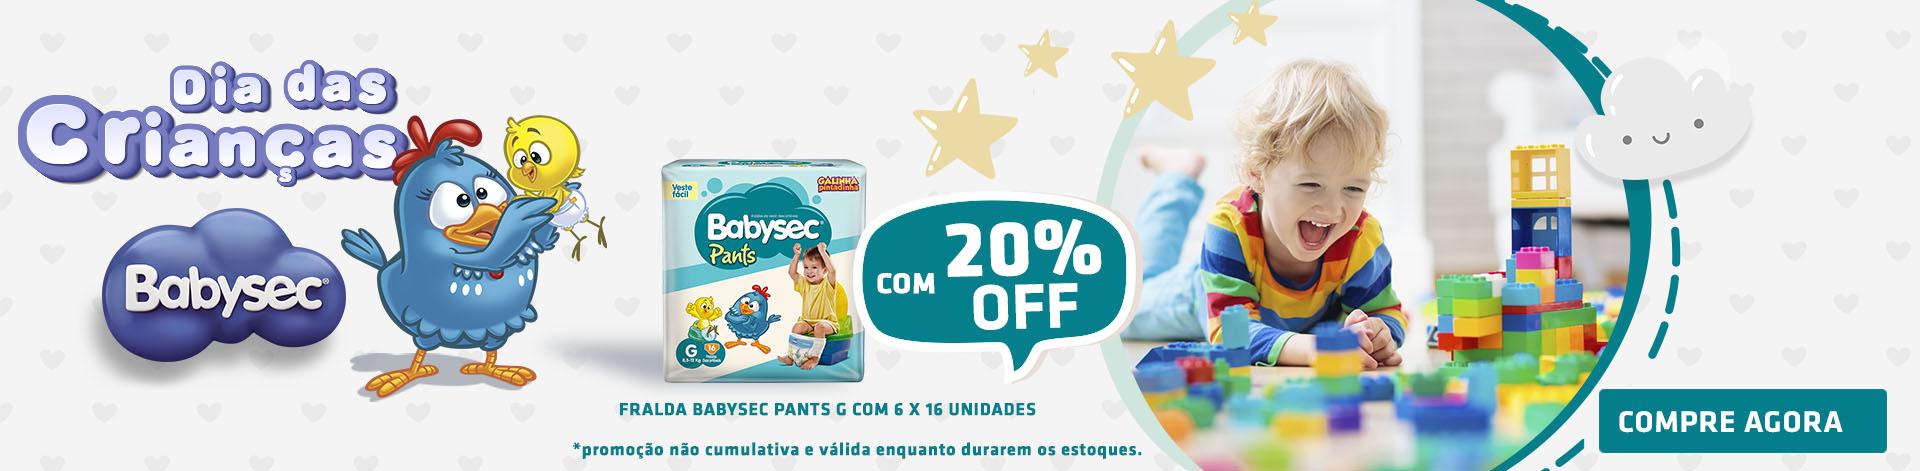 20% Off Babysec Pants - SDSOPRO-43